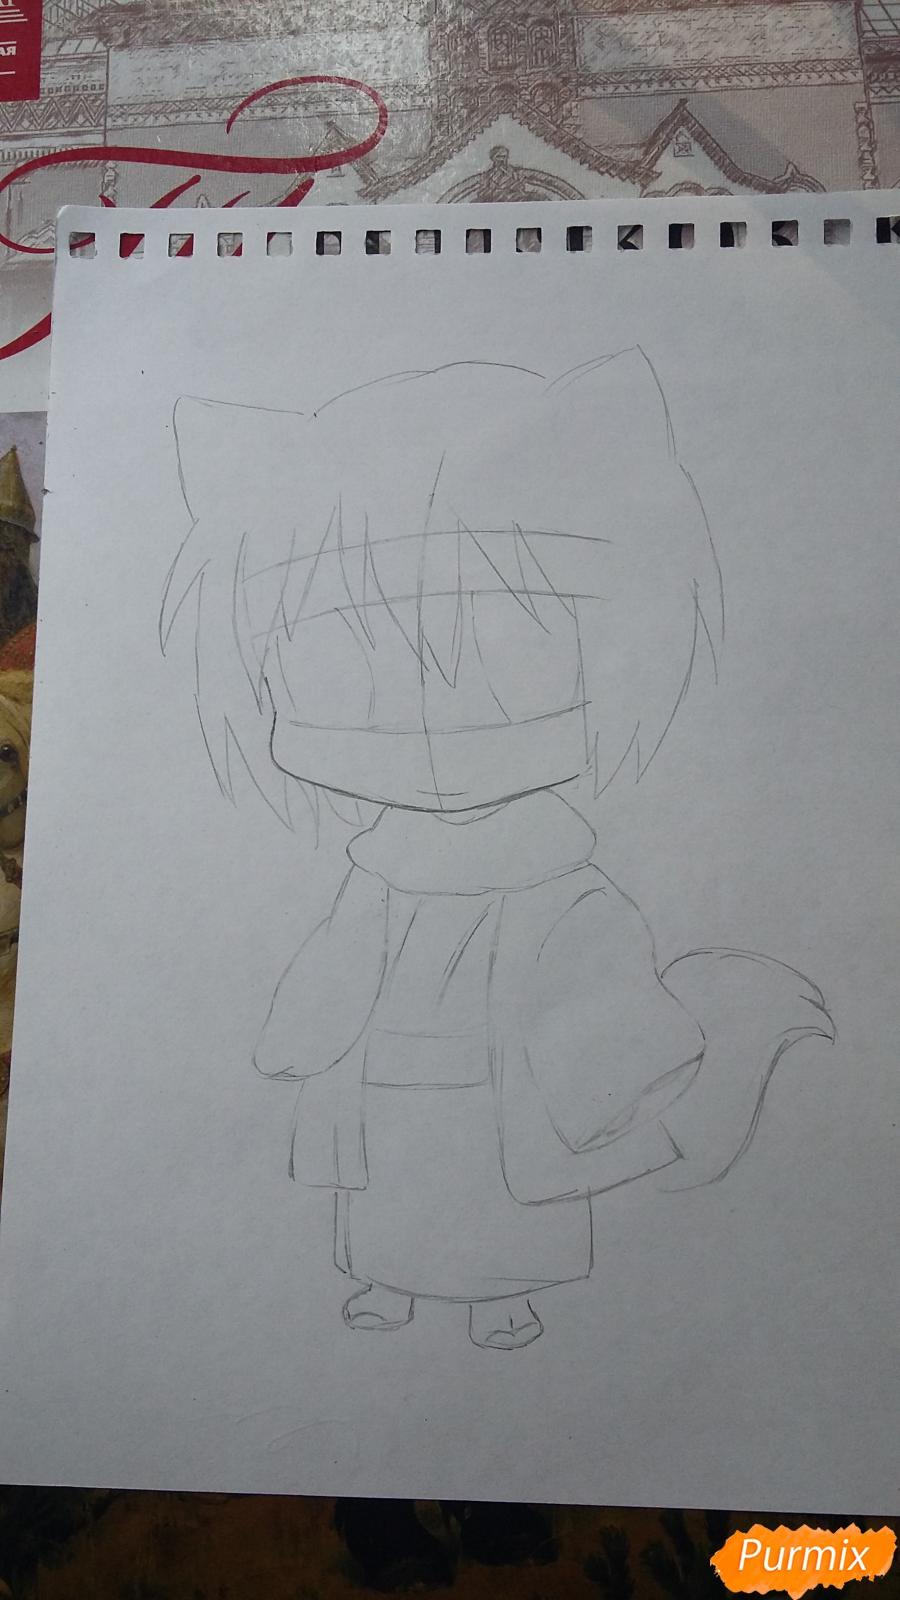 Как нарисовать Томоэ в стиле чиби из аниме Очень приятно, Бог  - шаг 2